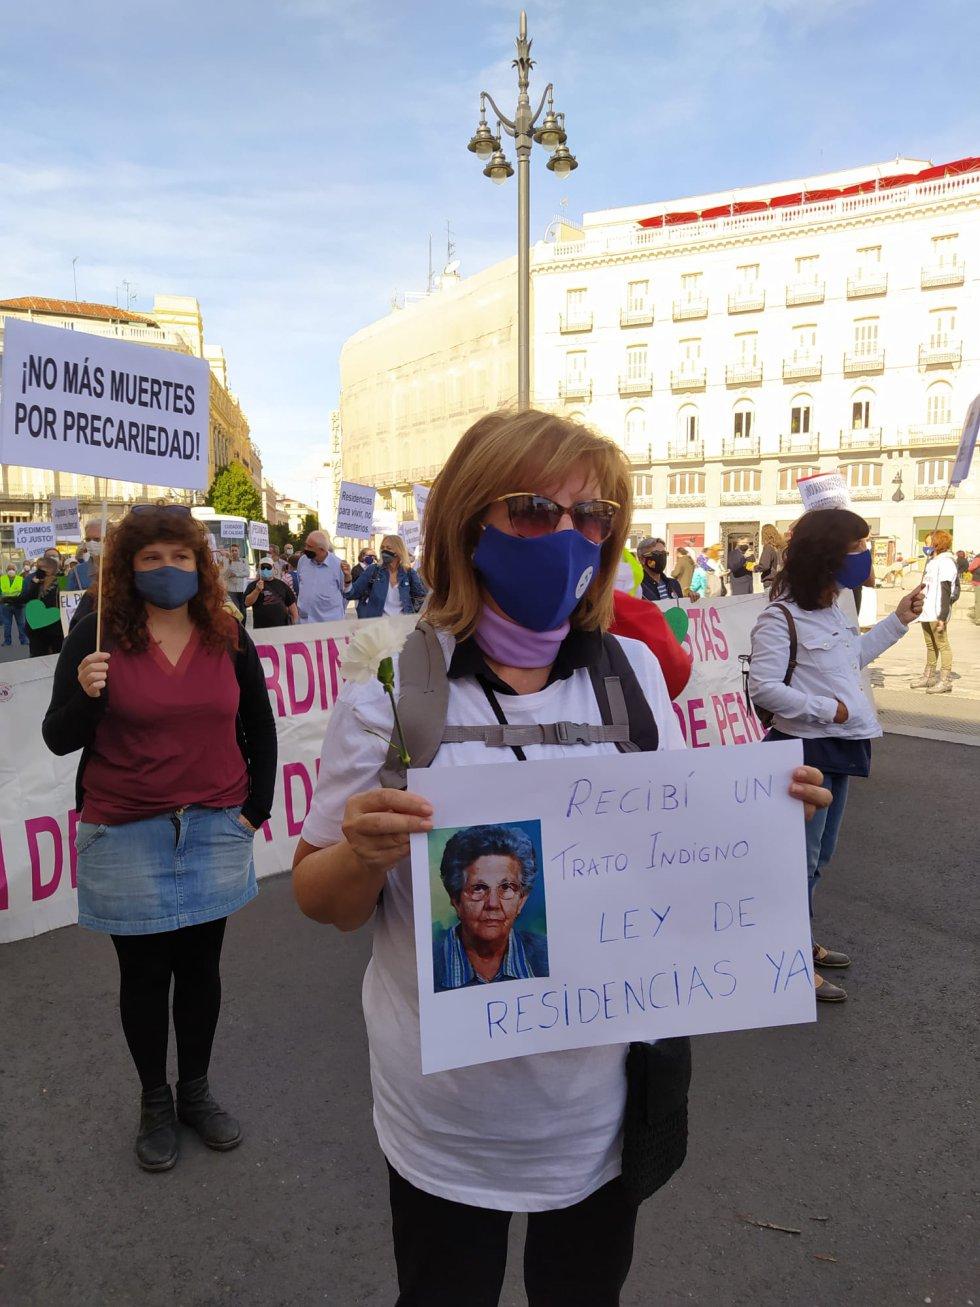 Algunos de los manifestantes han denunciado las situaciones de precariedad que han vivido sus familiares en distintos centros de mayores